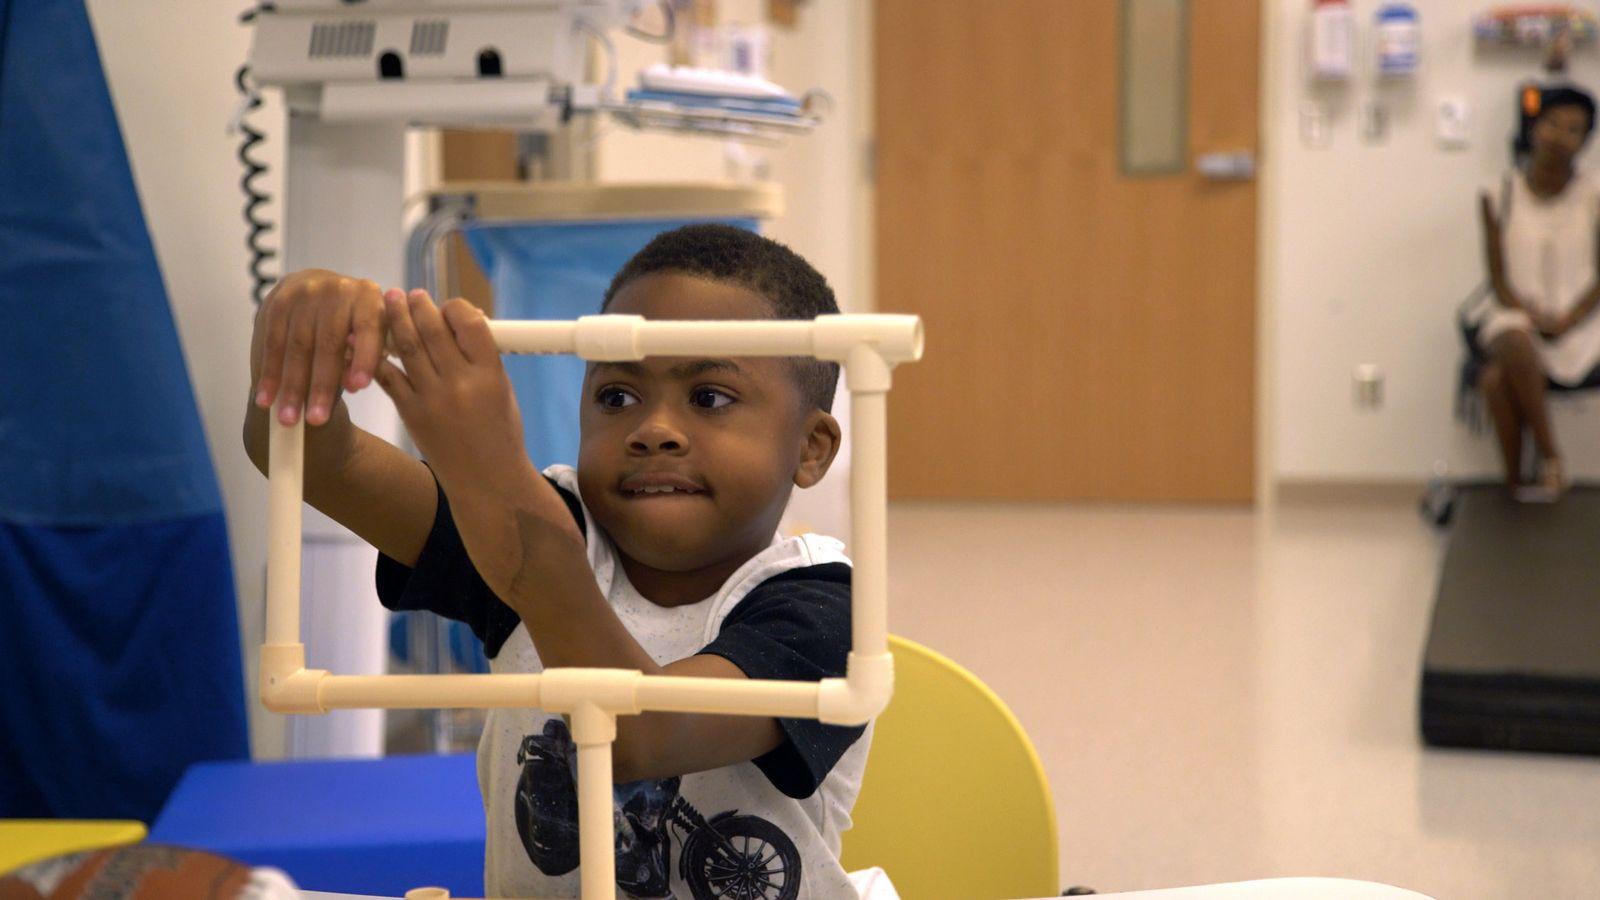 Ärzten gelingt Doppeltransplantation von Händen bei Kind